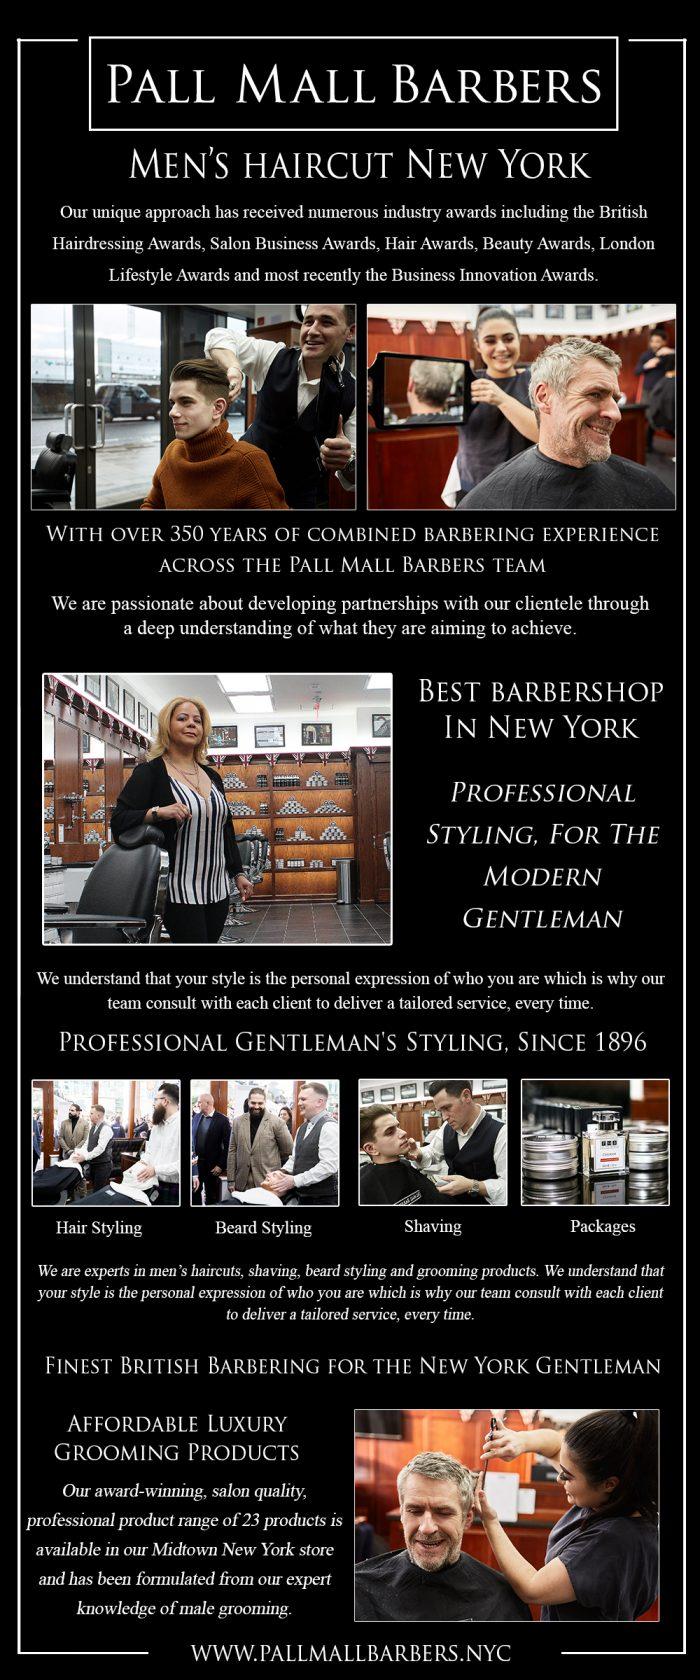 Men's Haircut in New York